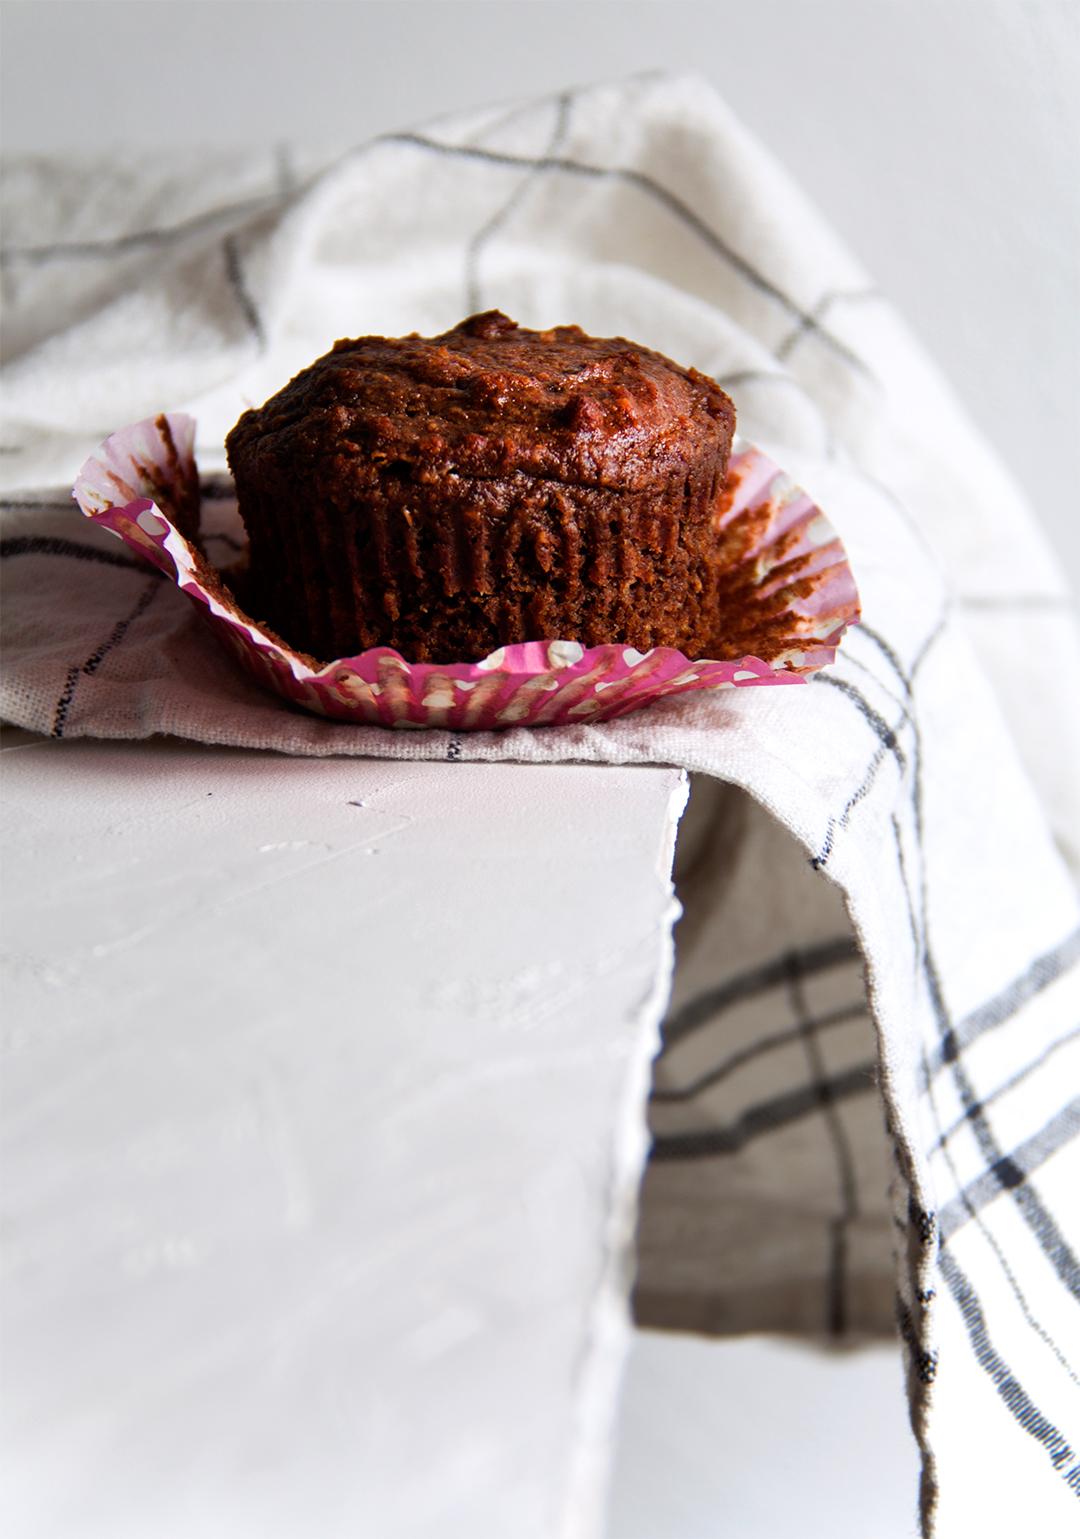 chocolademuffins-bloedsinaasappel-vegan-whole-foods-gezoet-fruit-olievrij.jpg